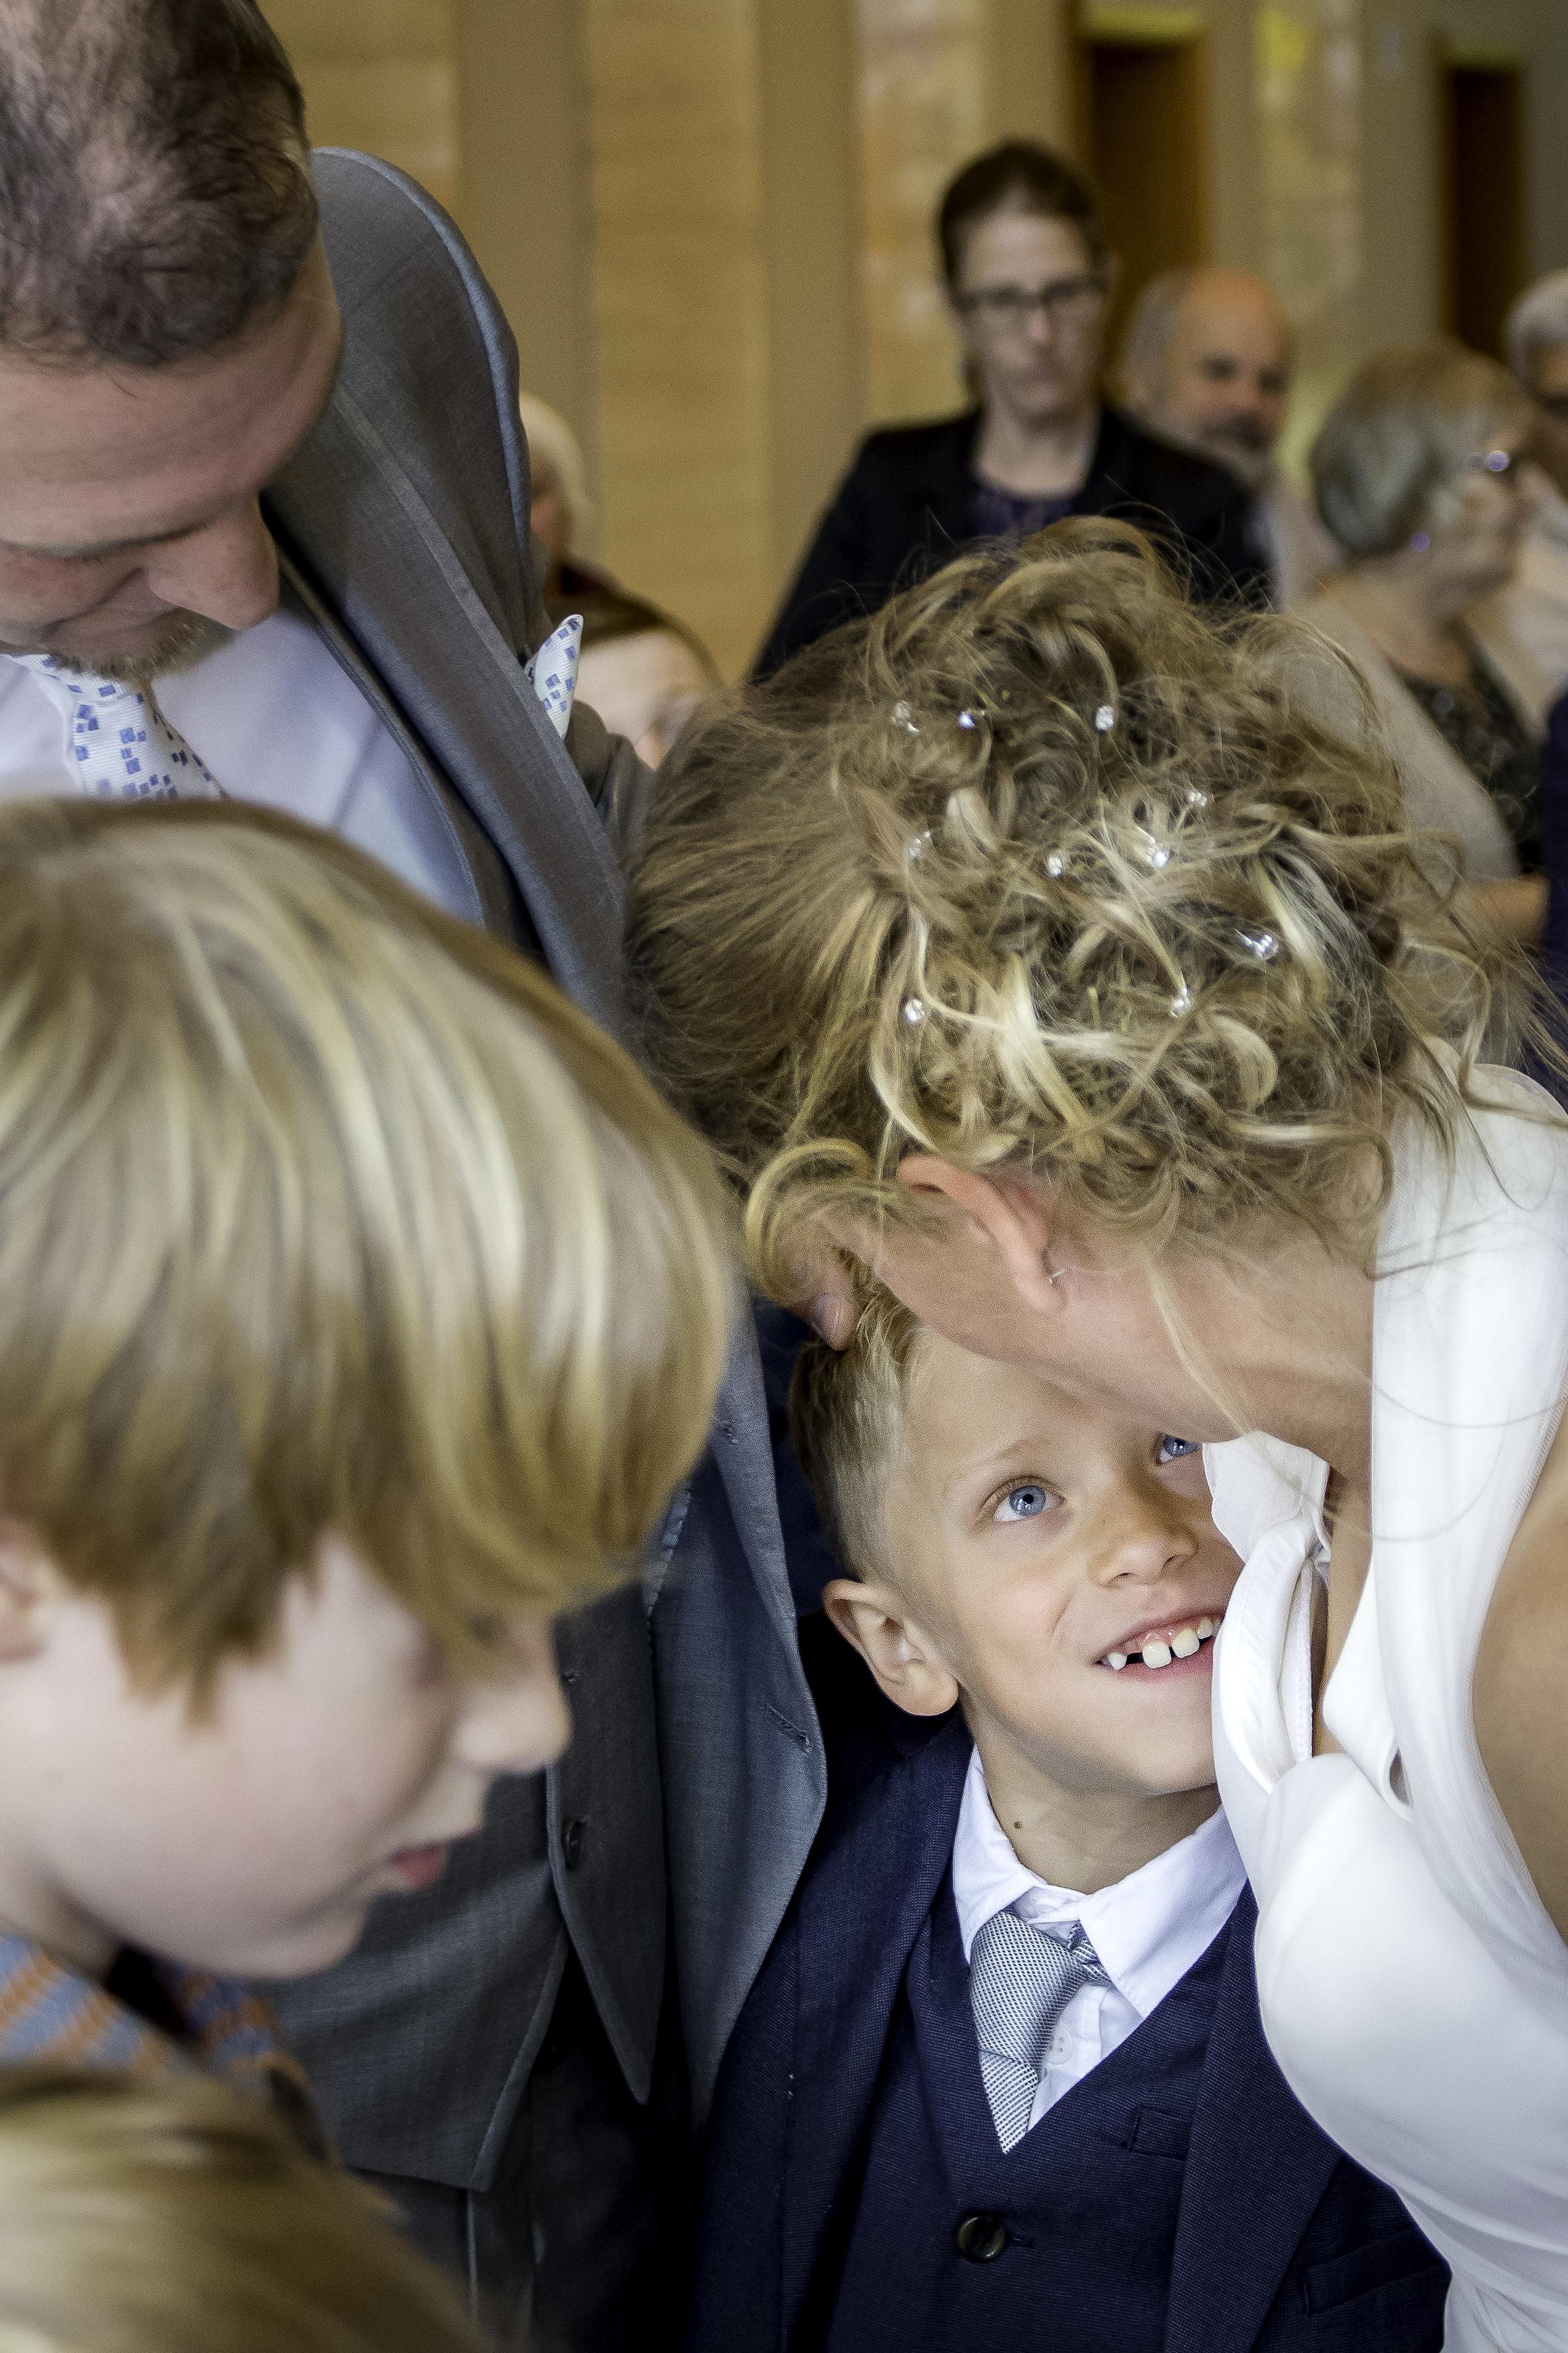 creativeboody-fotoshoot-huwelijksfeest-geert-eveline-voorbereiding-stadhuis-167.jpg